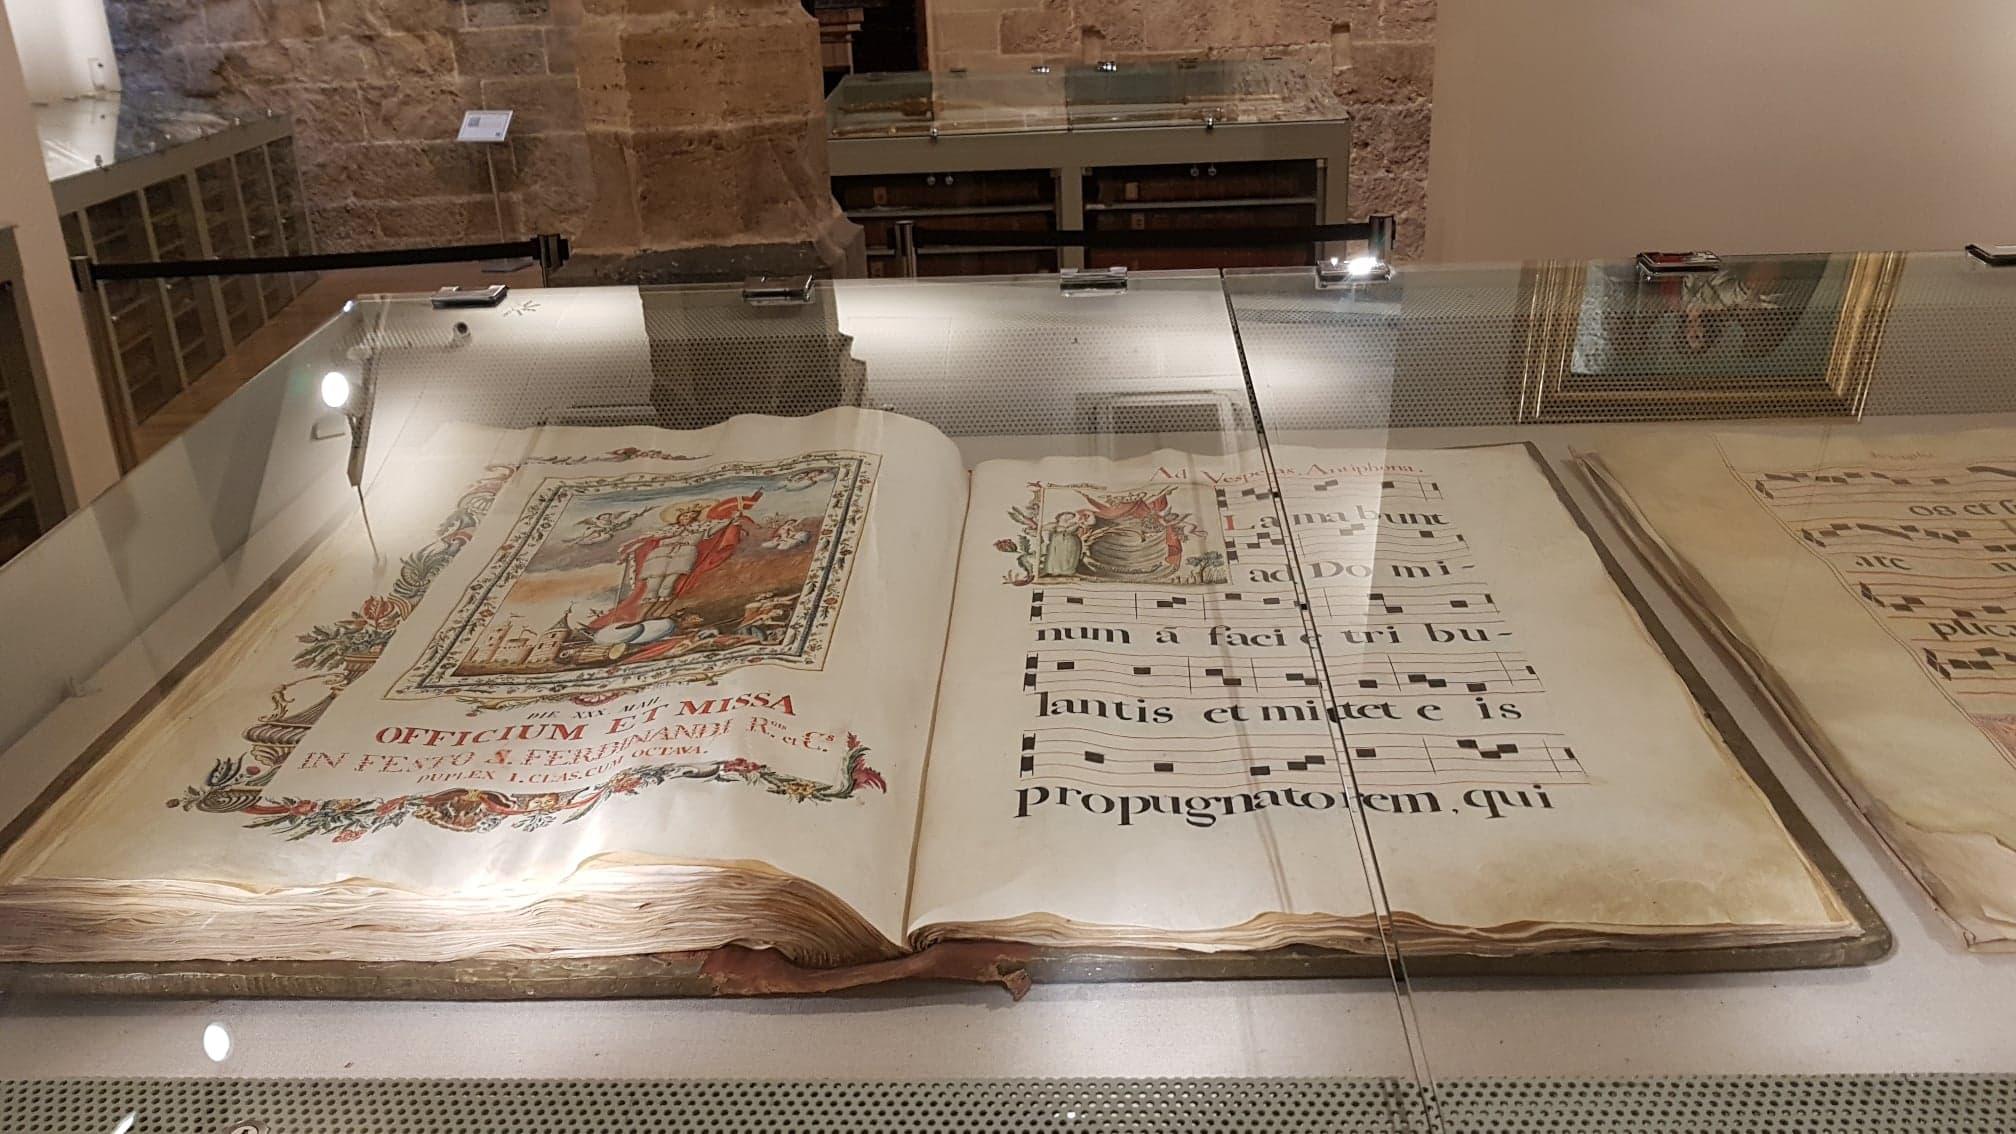 biblie veche in muzeul de la catedrala din valencia